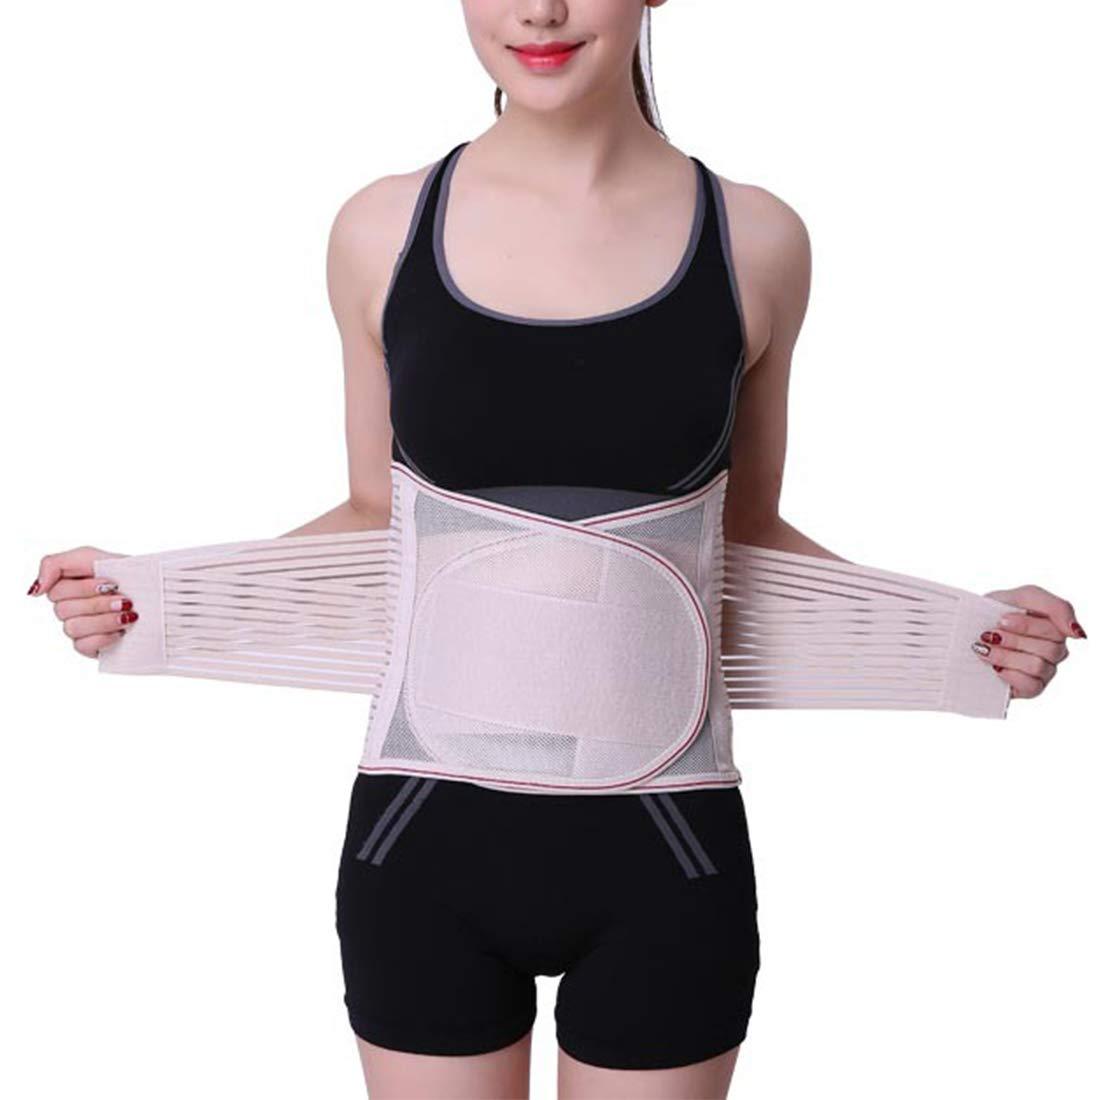 Dhrfyktu Cinturones de Cintura Respirables de Verano Cinturones de Cintura Deportiva de Soporte Fijo Cinturones de Cintura Transpirables cómodos